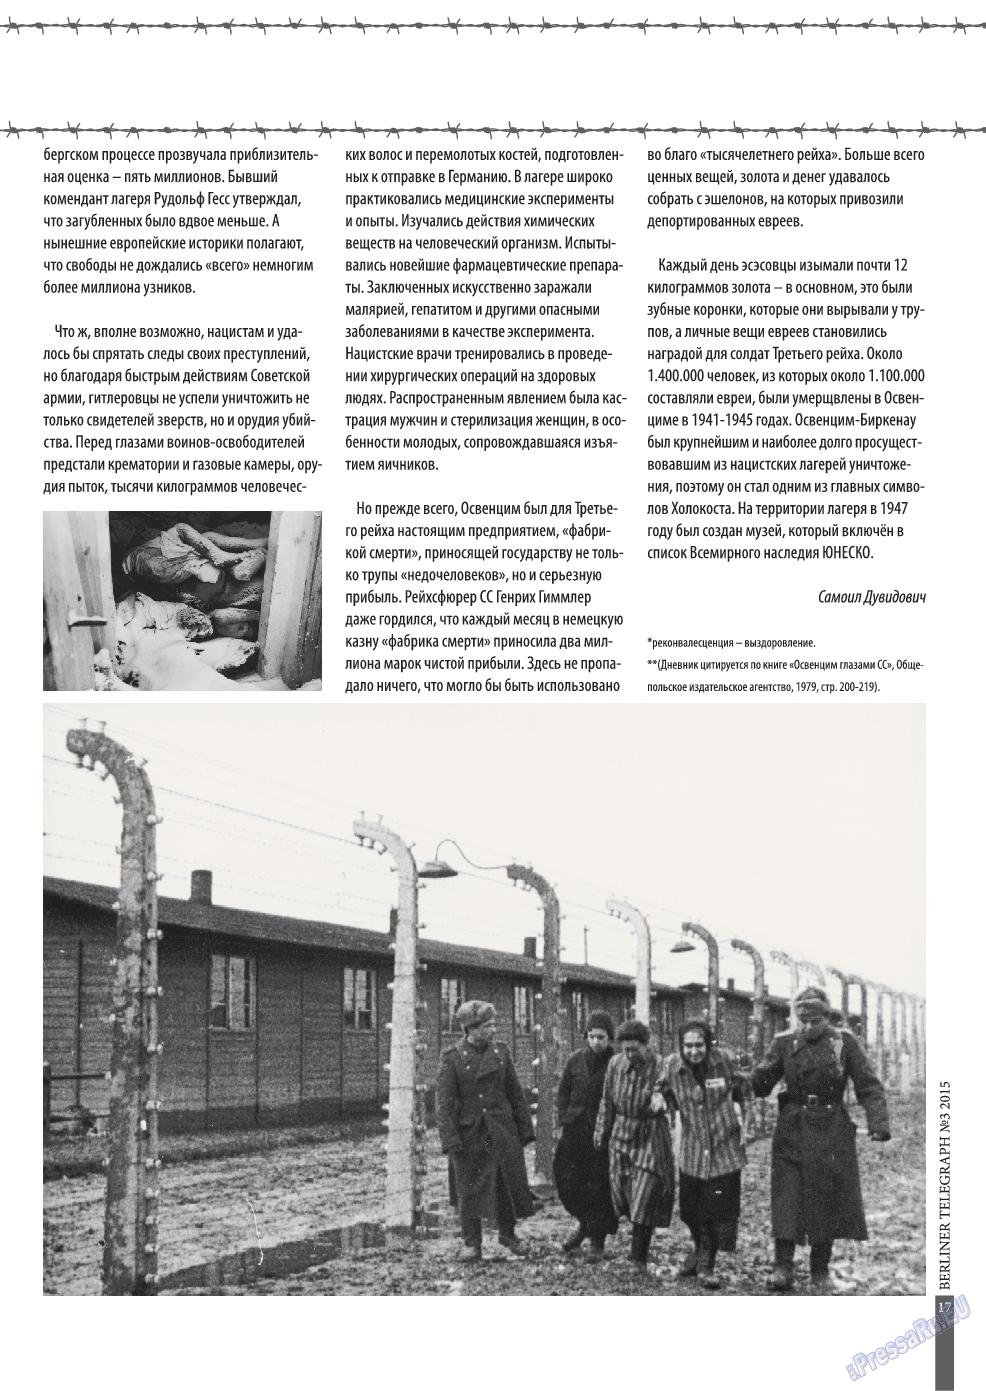 Берлинский телеграф (журнал). 2015 год, номер 3, стр. 17